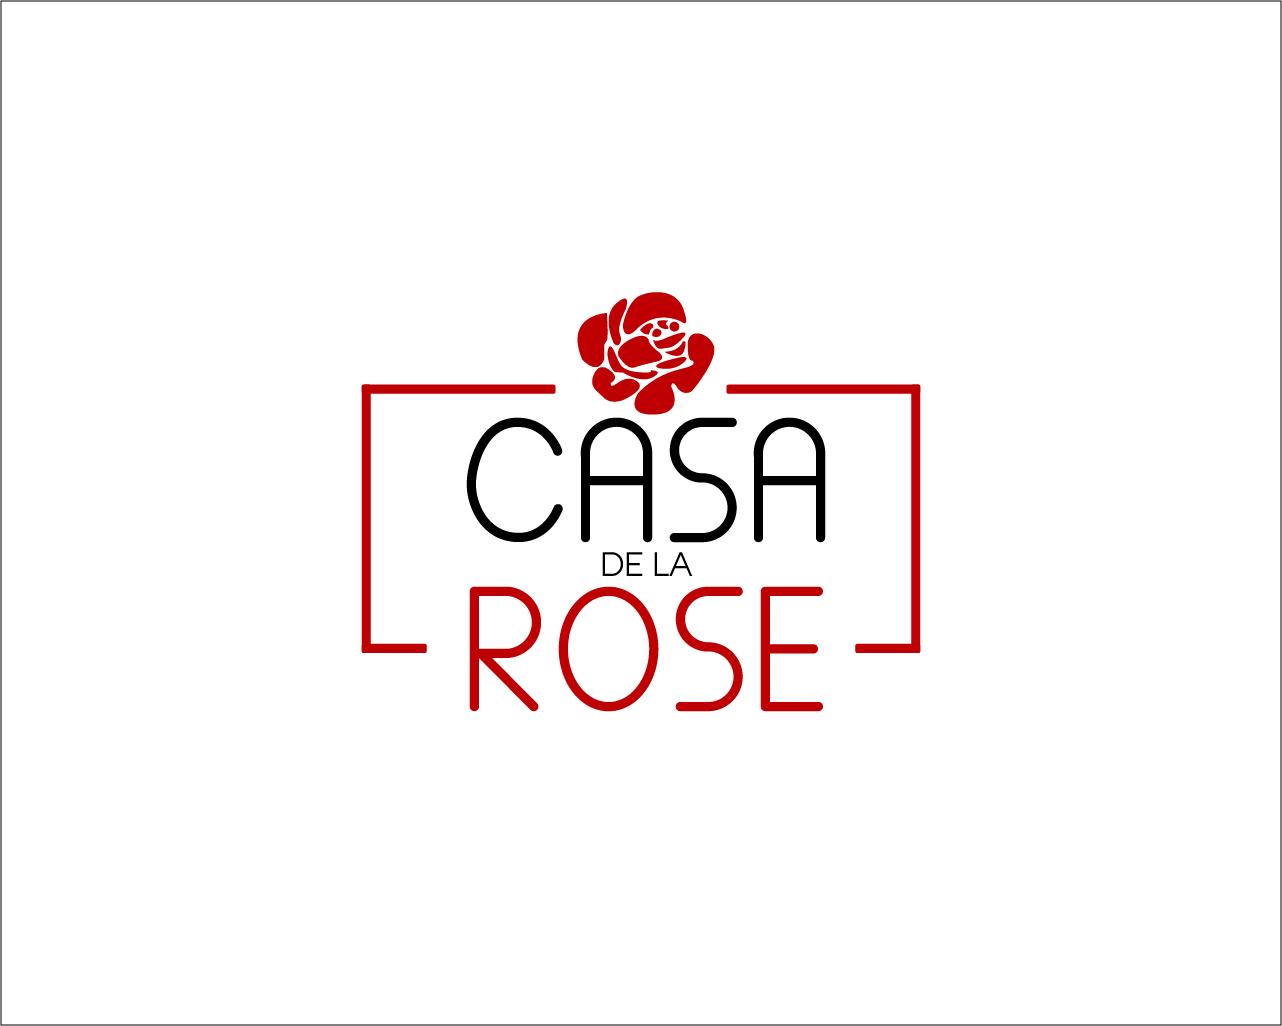 Логотип + Фирменный знак для элитного поселка Casa De La Rosa фото f_3655cd465ac56035.jpg